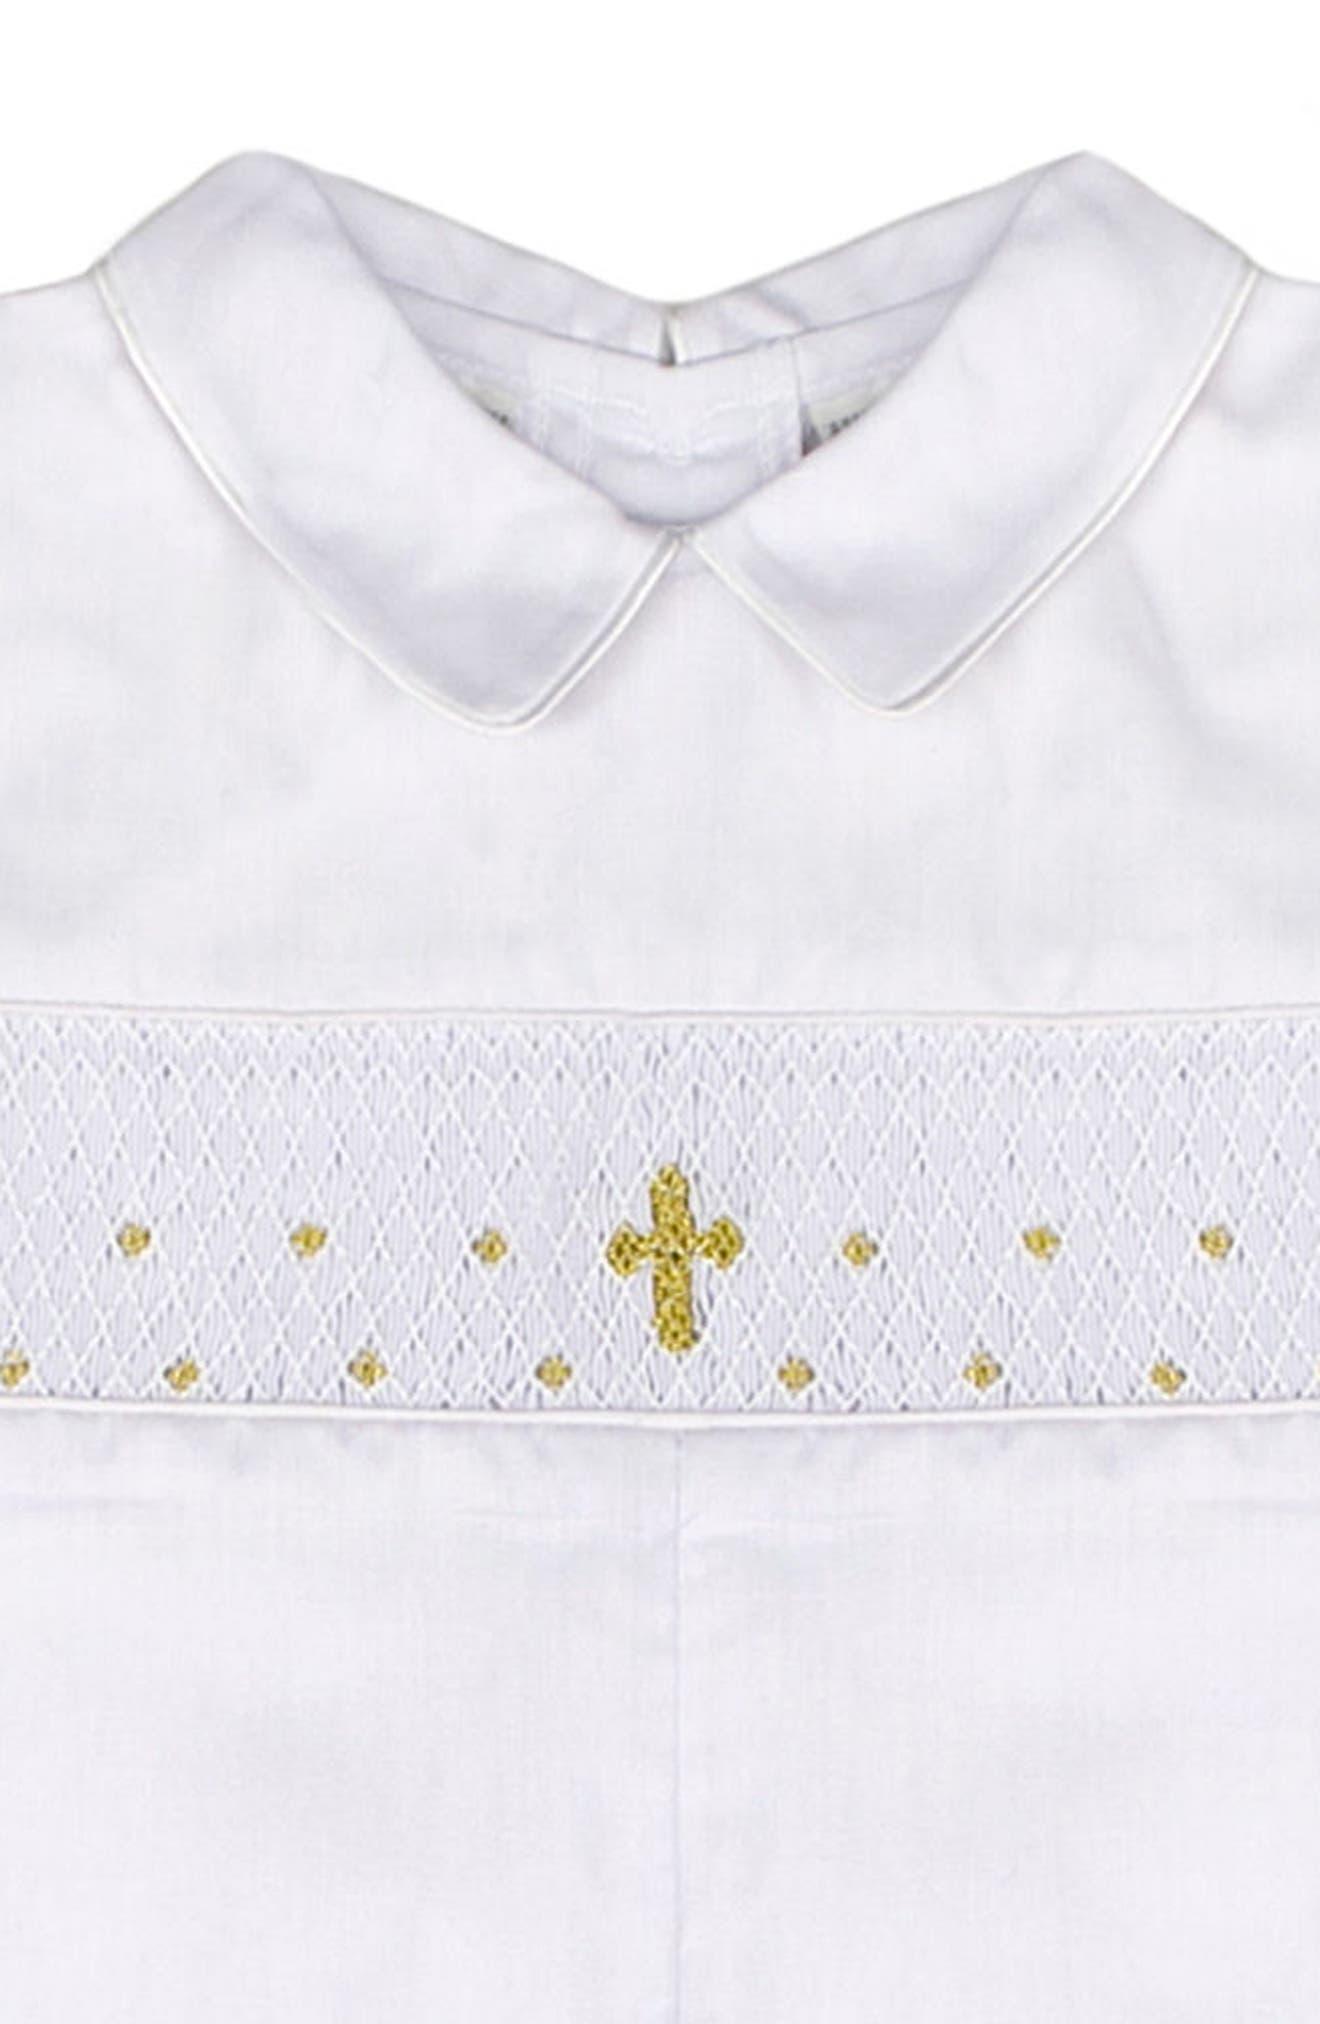 CARRIAGE BOUTIQUE Christening Romper & Bonnet Set, Main, color, WHITE